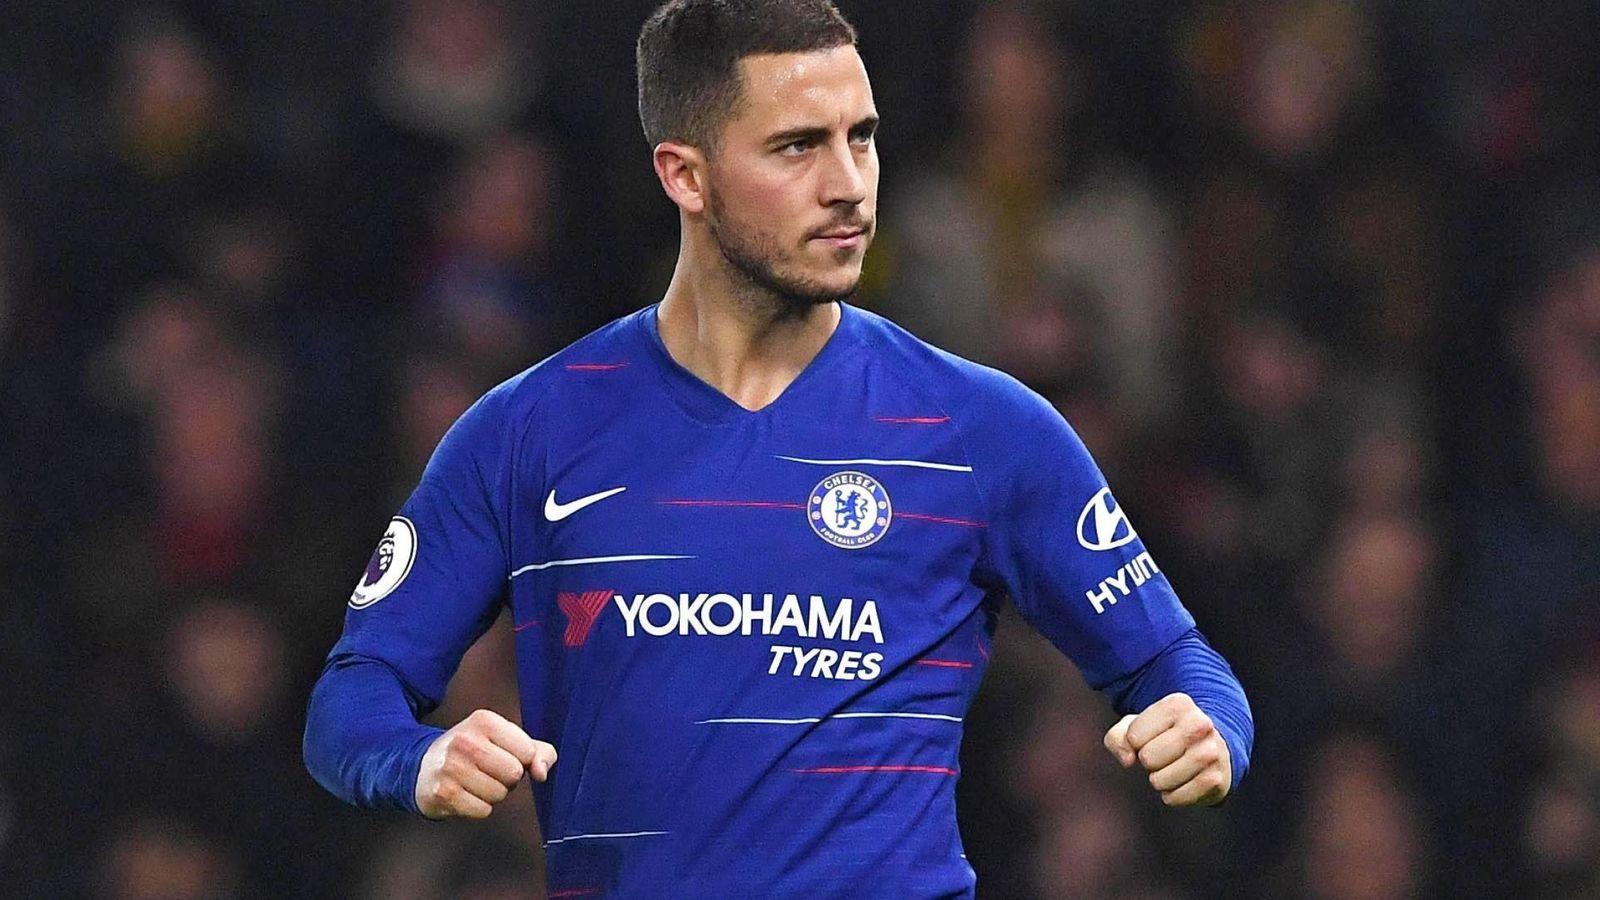 Foto: Eden Hazard celebra un gol con el Chelsea. (Efe)